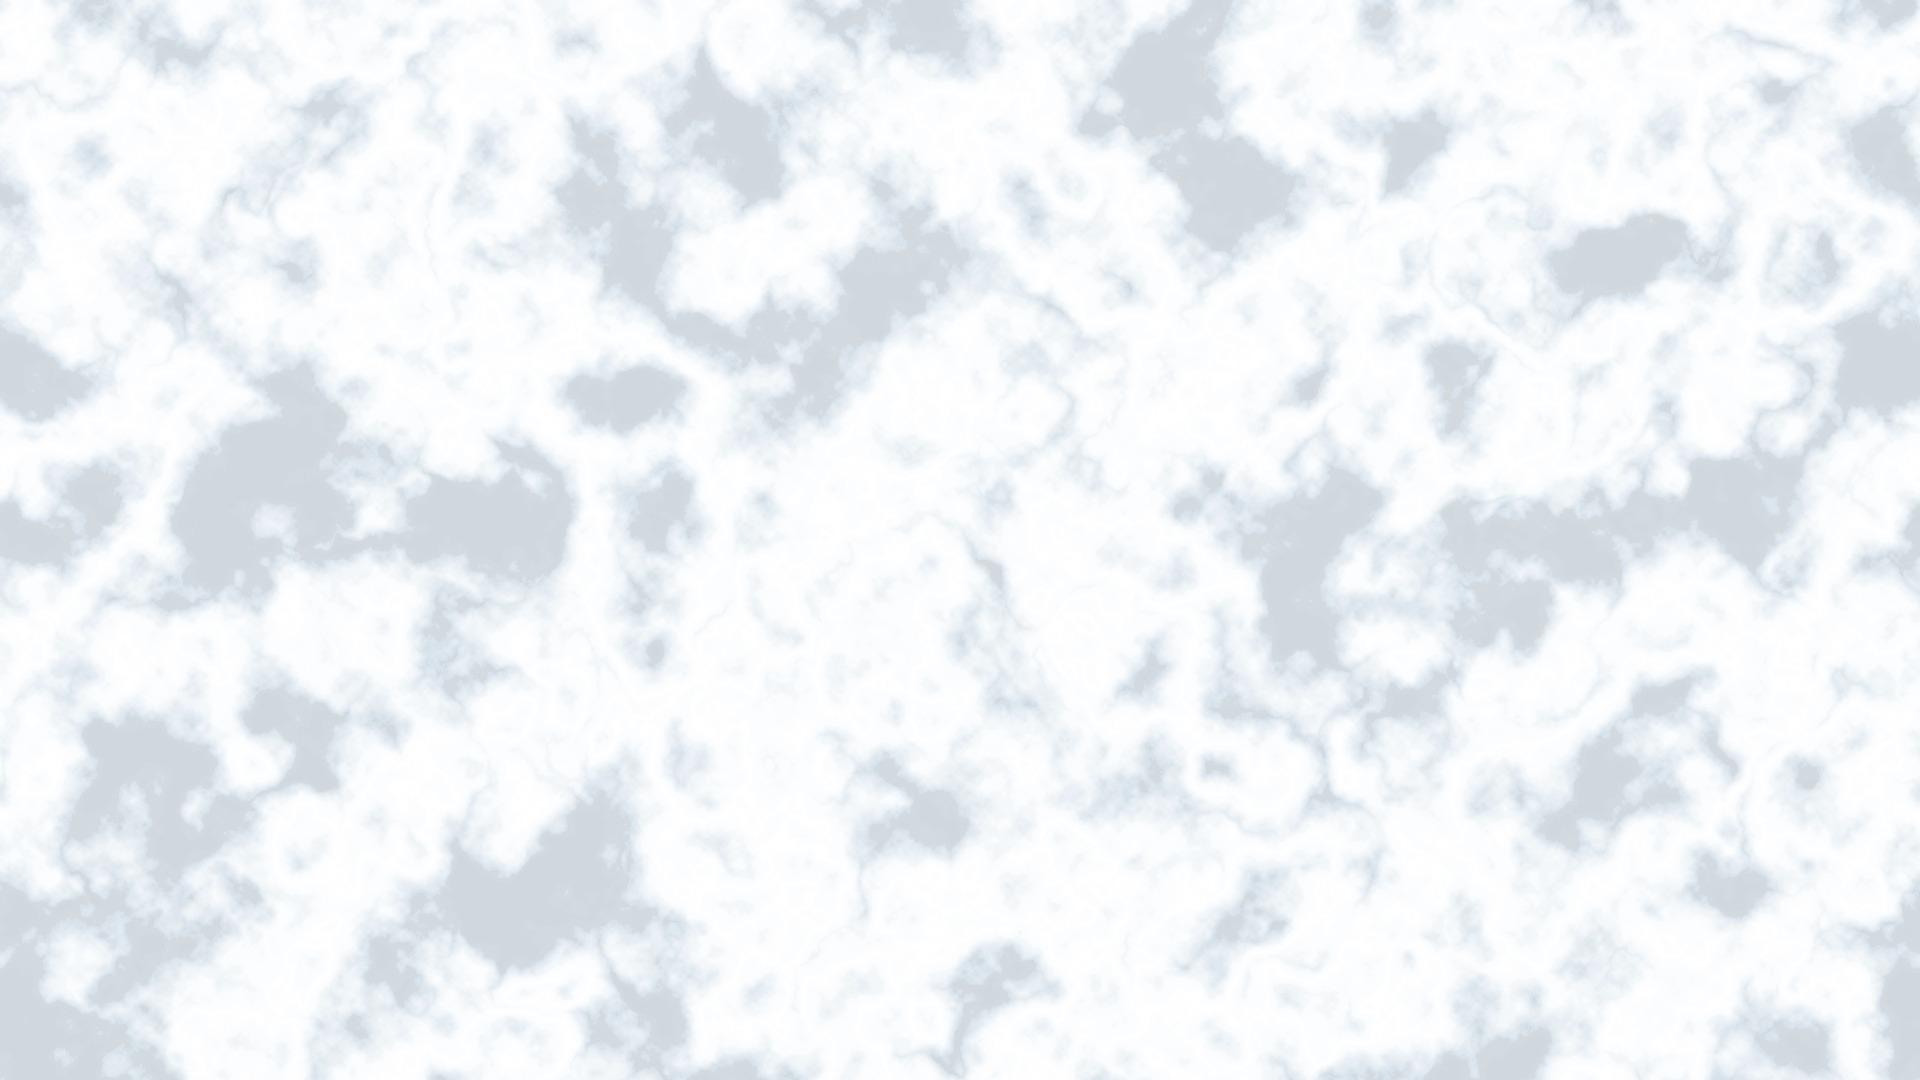 大理石柄 壁紙背景画像_dairiseki1-min